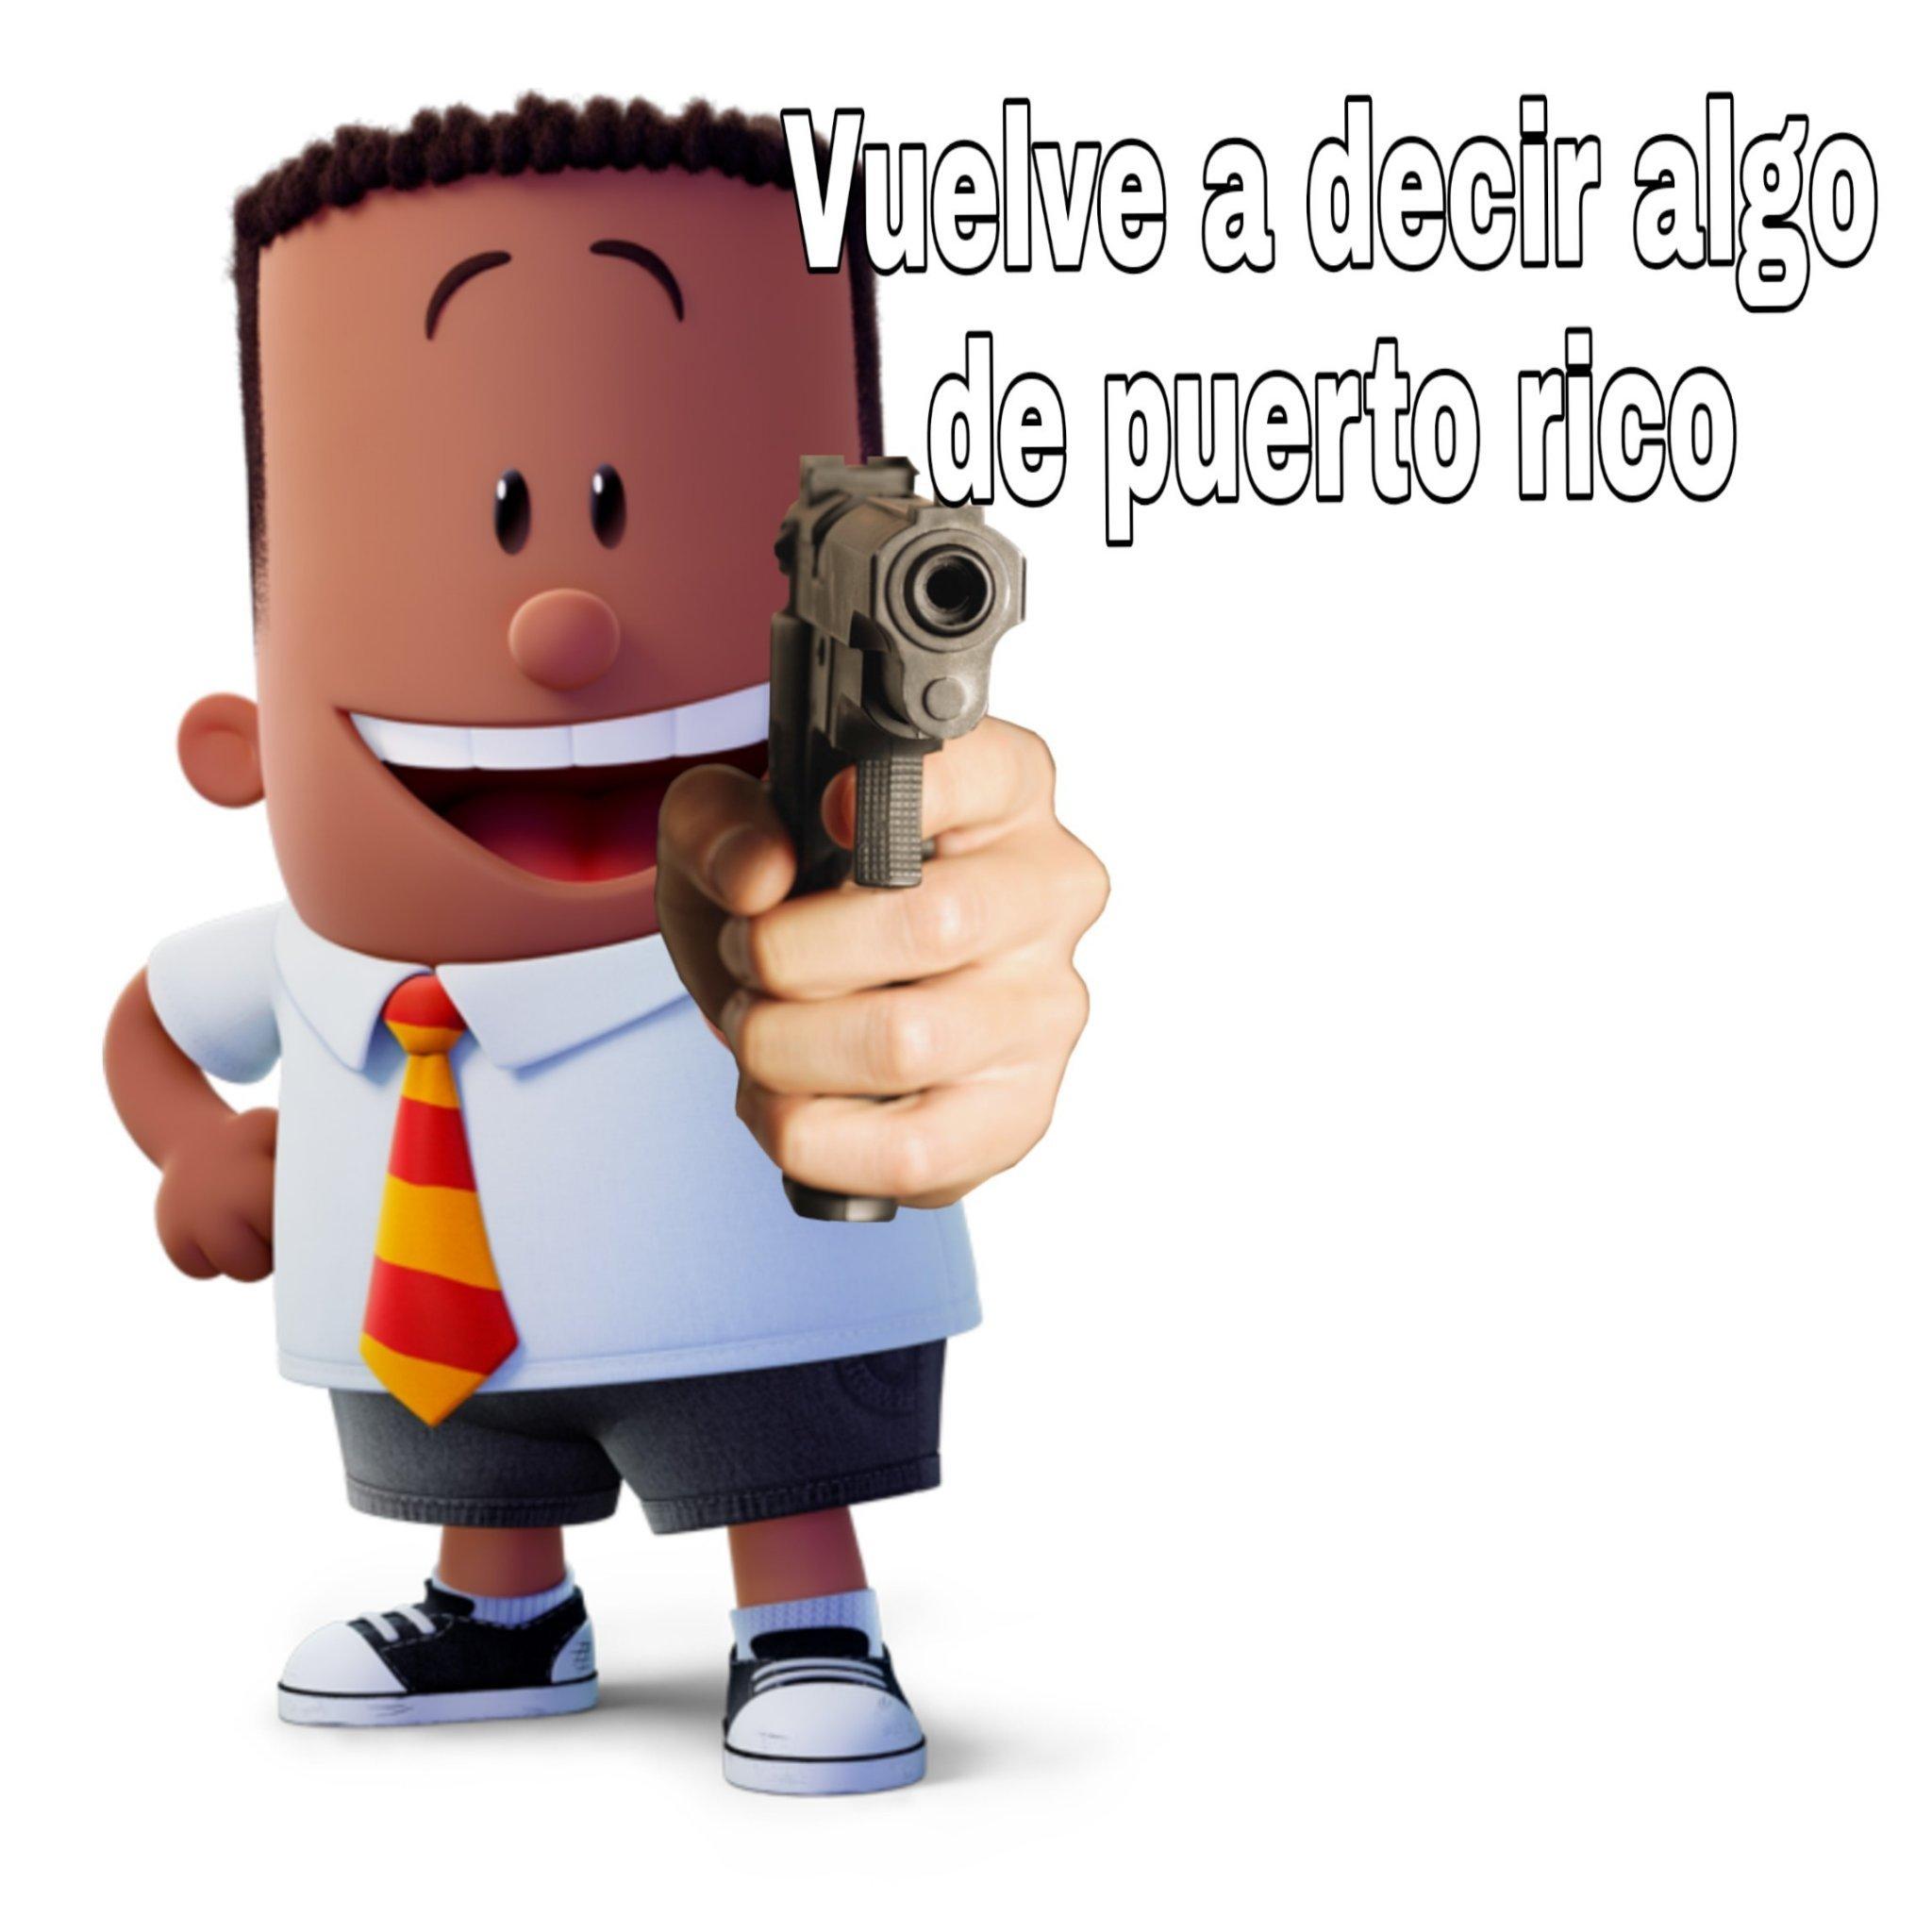 Viva puerto rico - meme